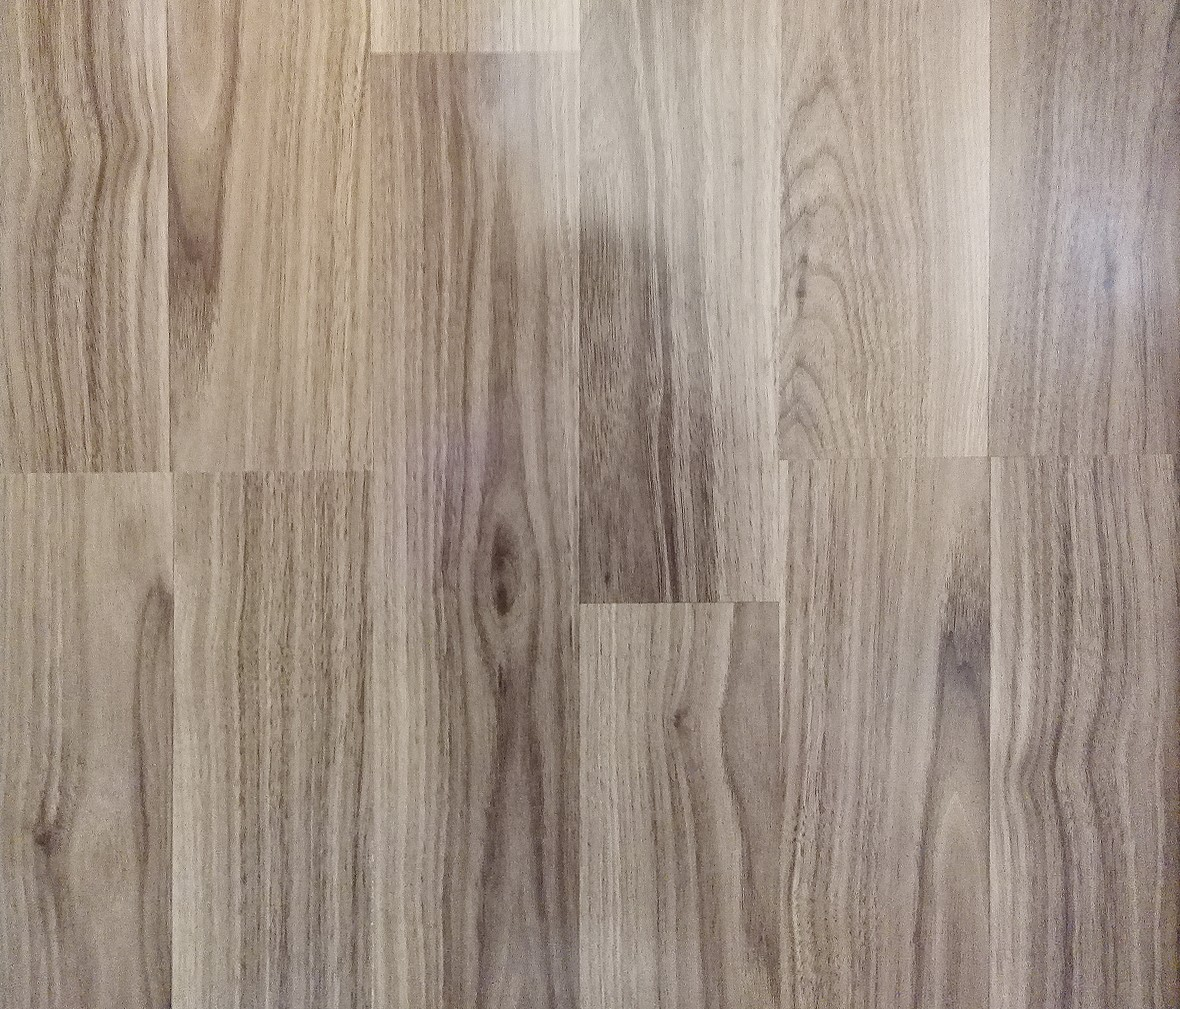 圣象地板 撒丁岛夏日PY4253型号强化复合地板 高密度板 适于地暖 商品实拍